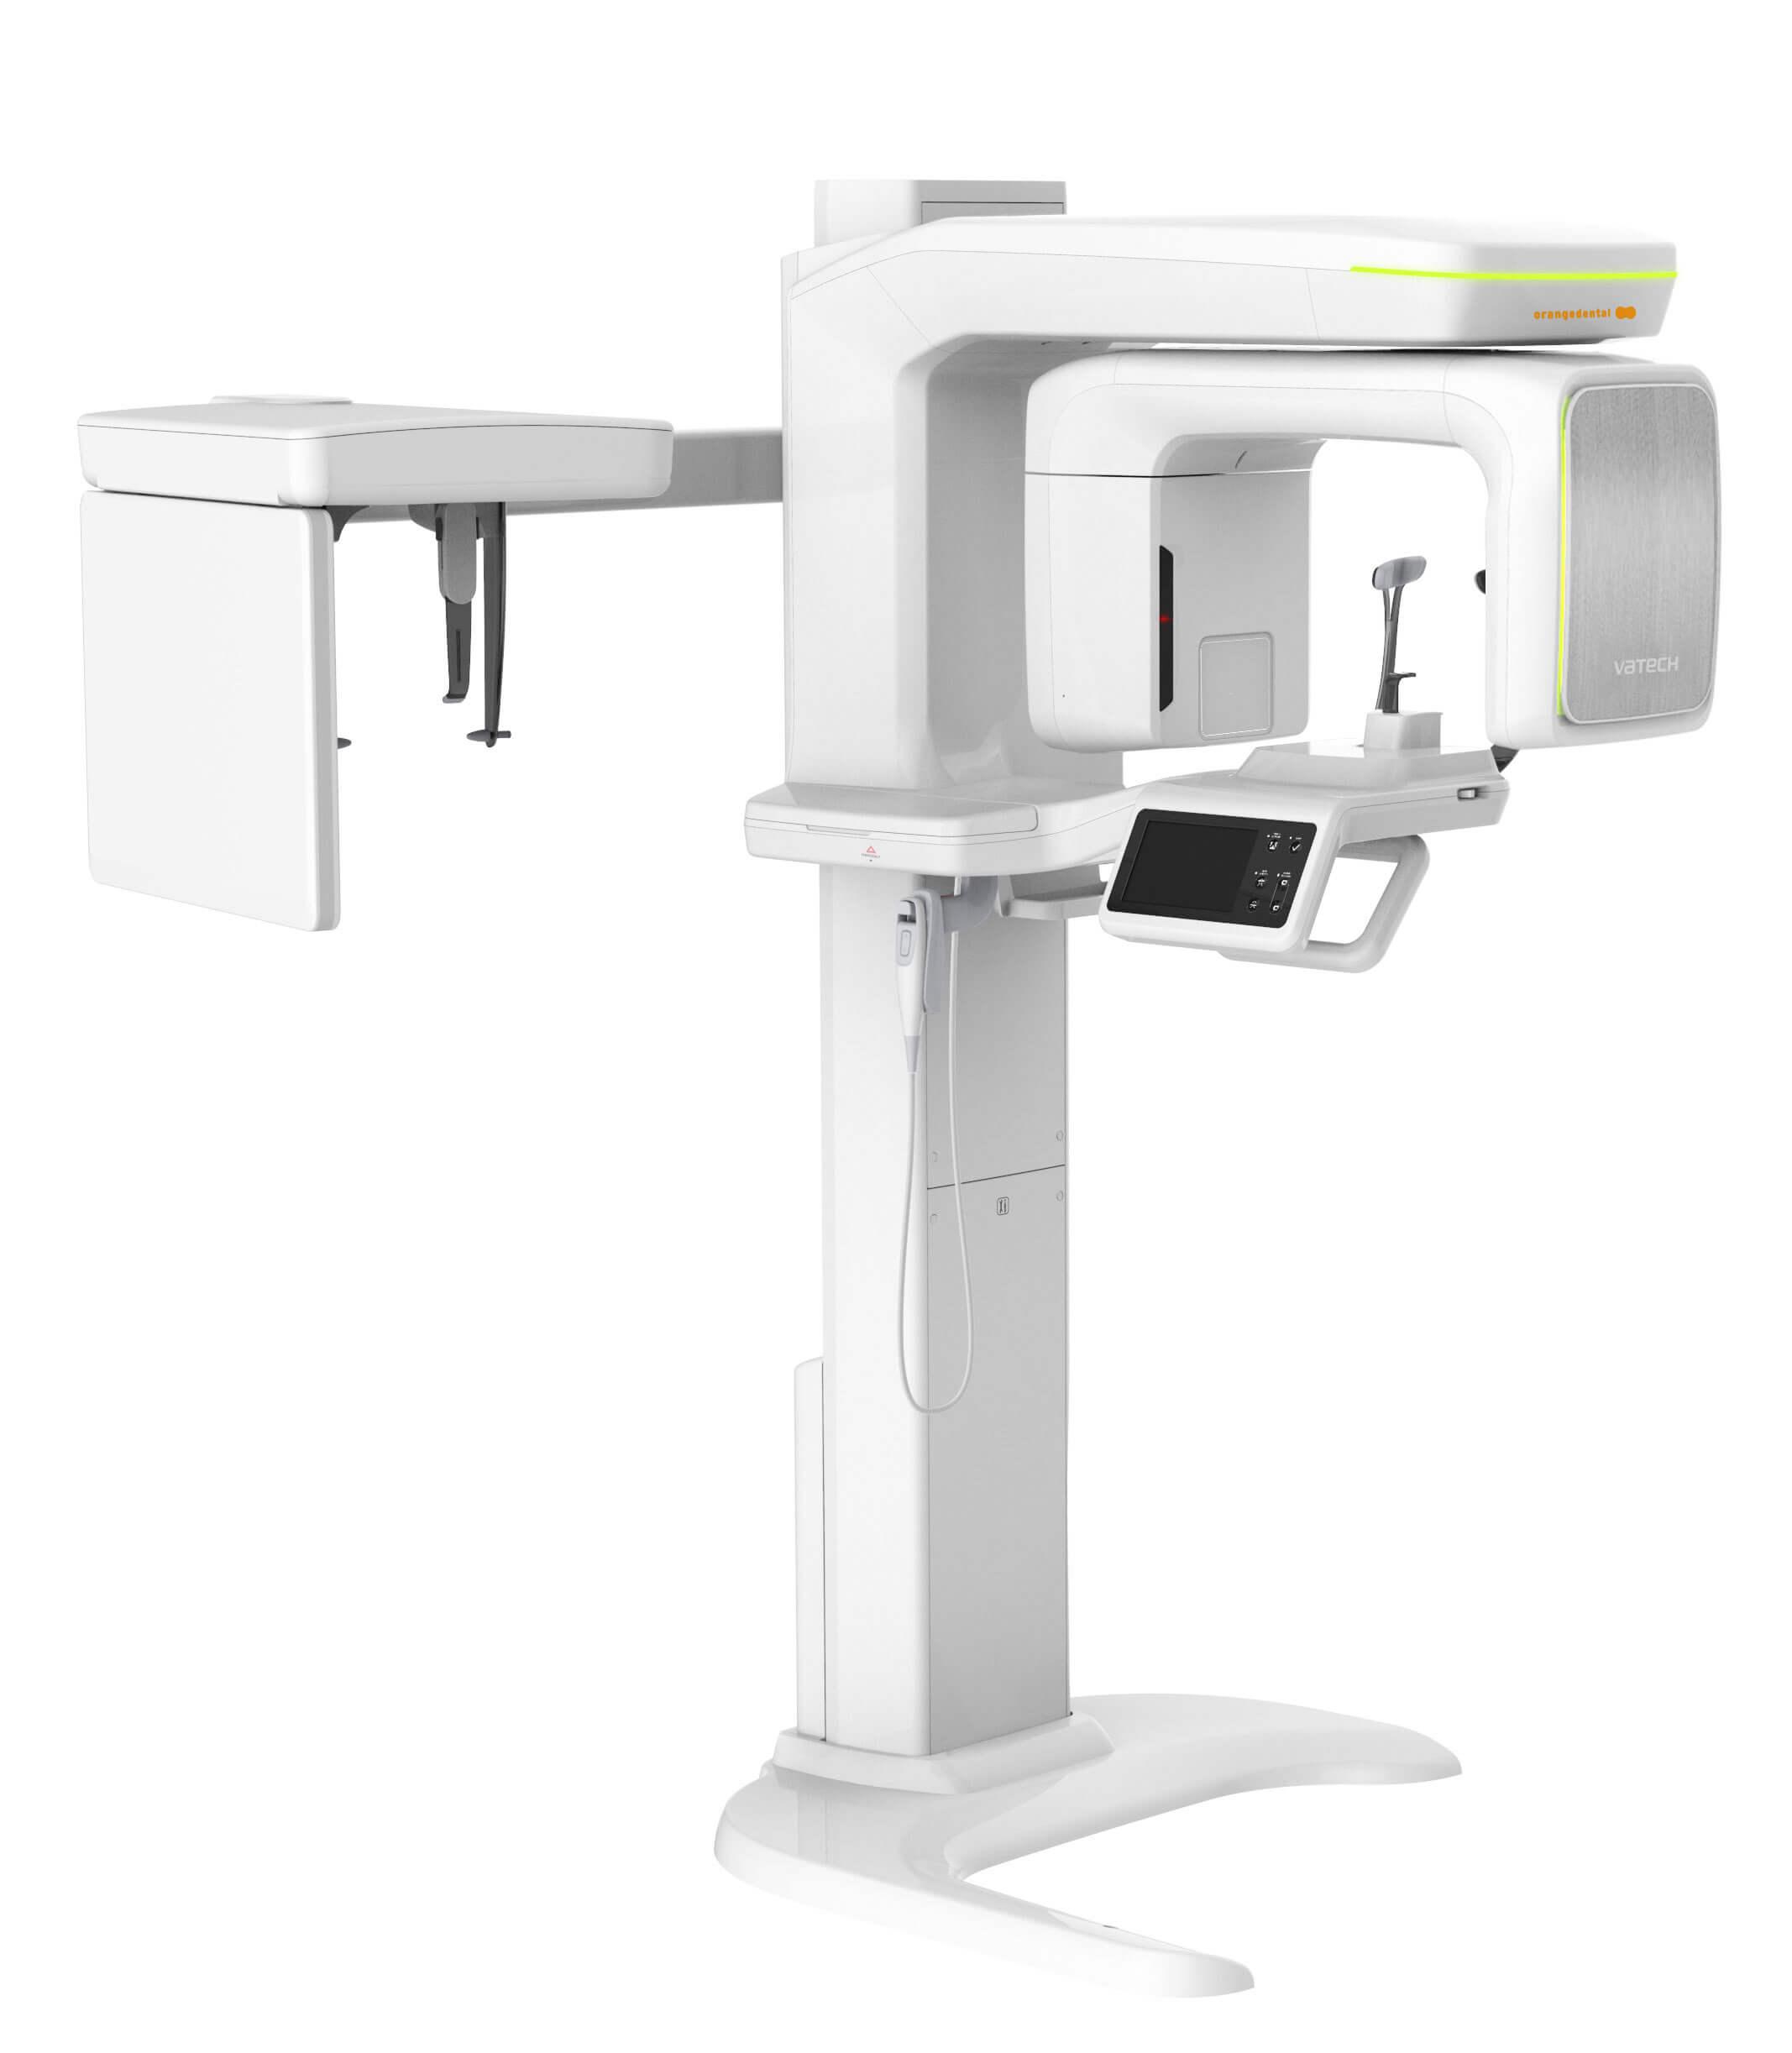 Modernes DVT-Röntgengerät für den Einsatz beim digitalen Röntgen.